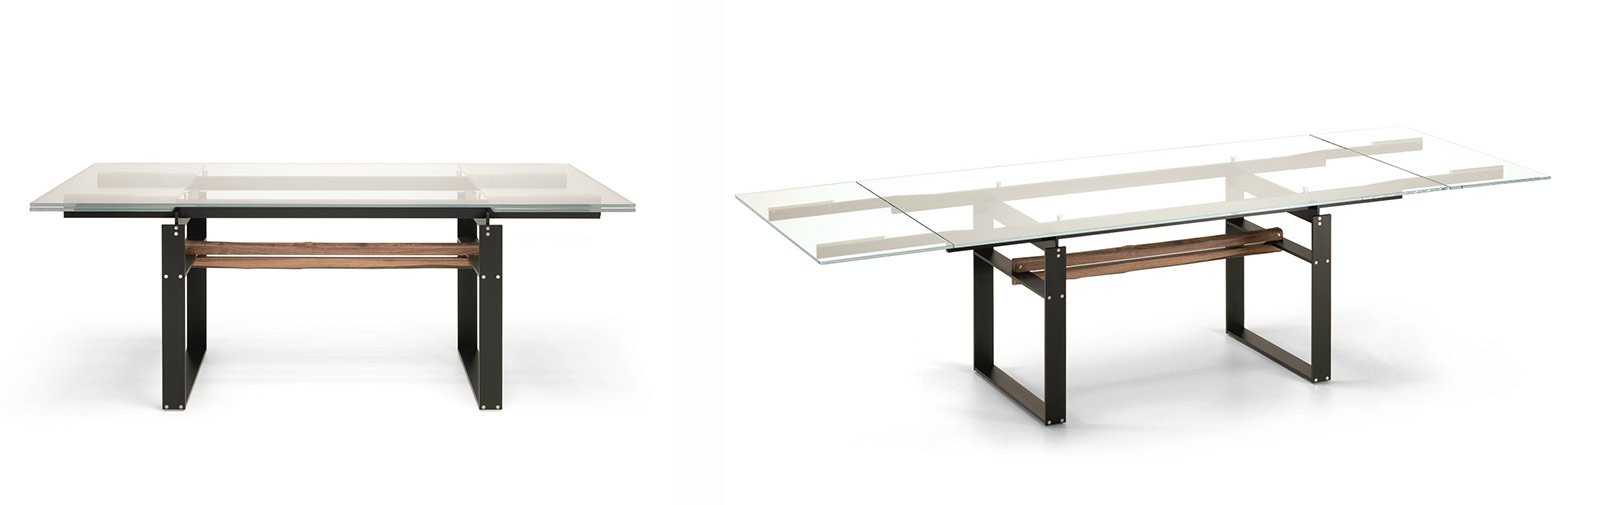 Tavoli di cristallo allungabili tavolo mago di bontempi - Tavoli in cristallo allungabili ...